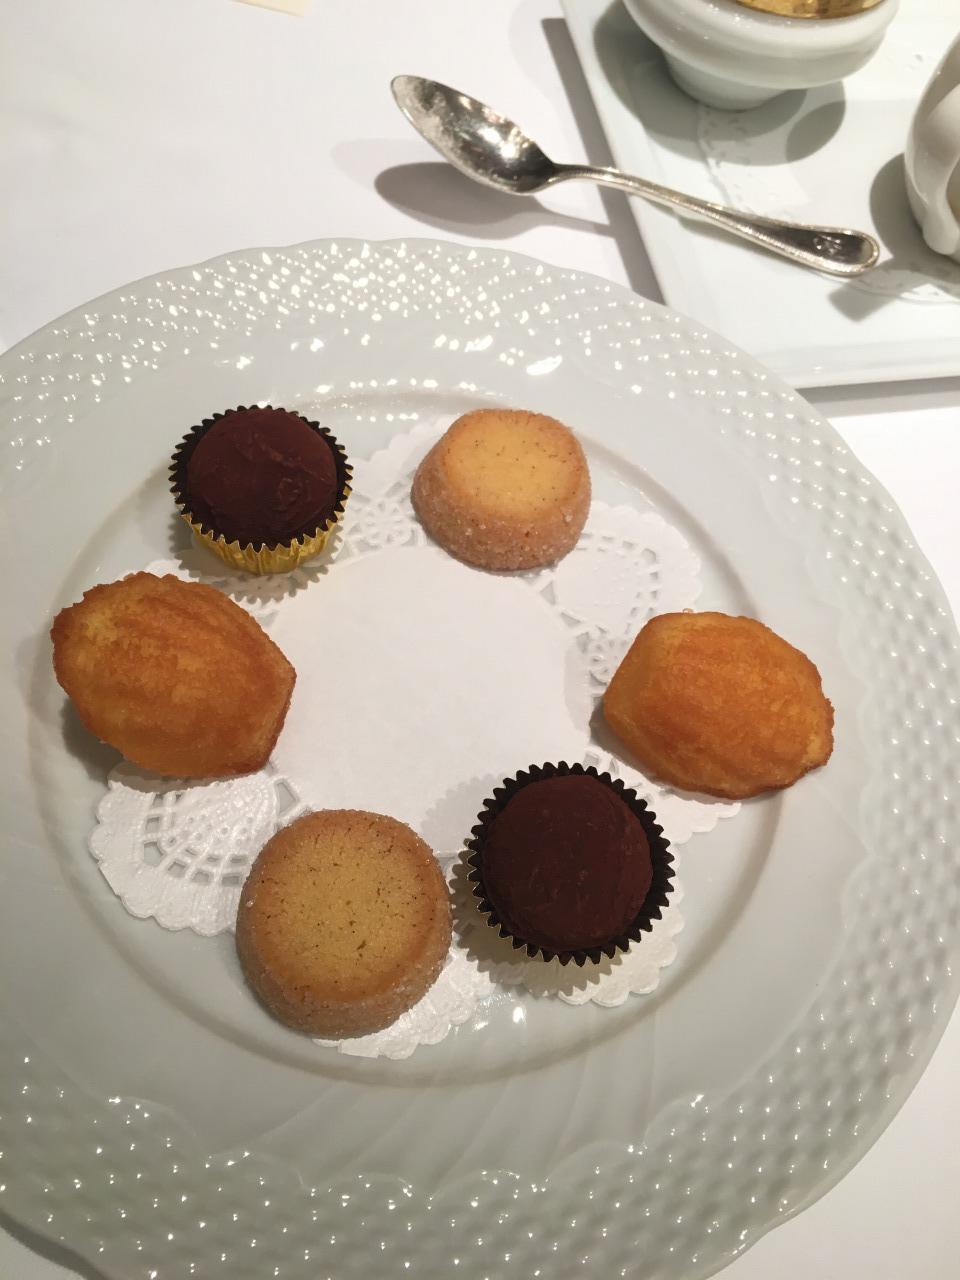 ミナルディーズ:フィナンシェ&クッキー&チョコレート